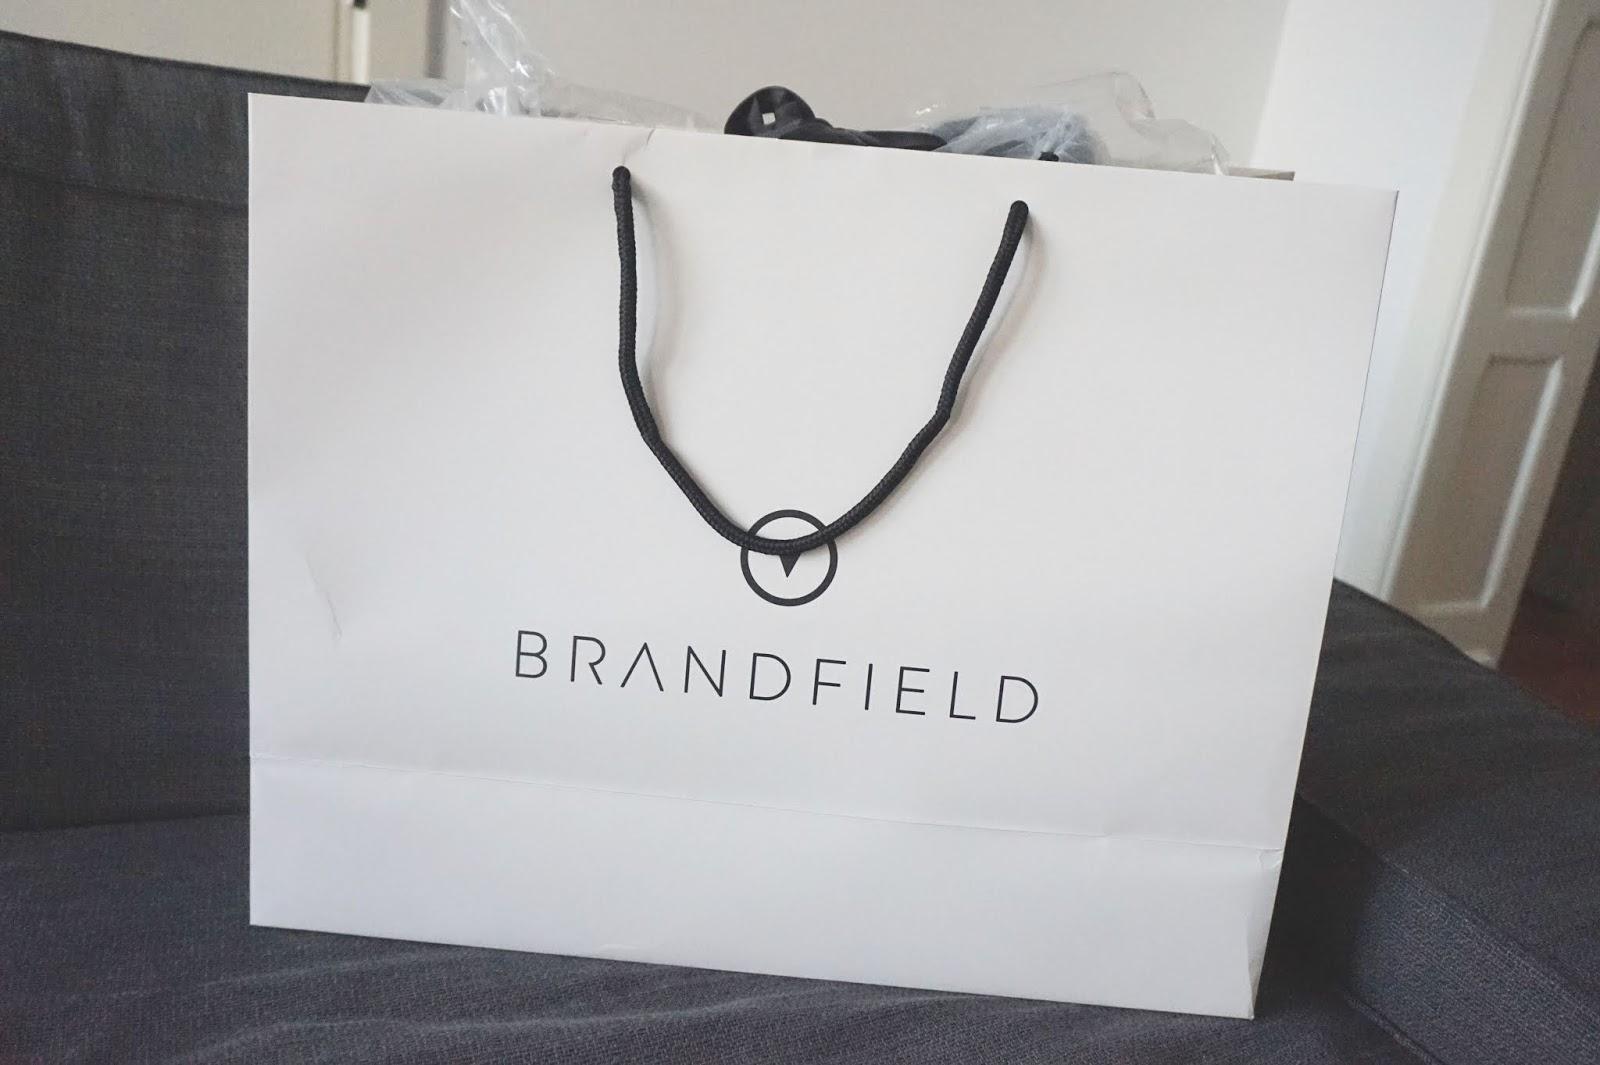 a1e4aceac02 Het unboxen van de tas was een feestje! De tas zat namelijk verpakt in een  mooie zak van Brandfield. Rond de tas zelf zat veel plastic om beschadiging  te ...